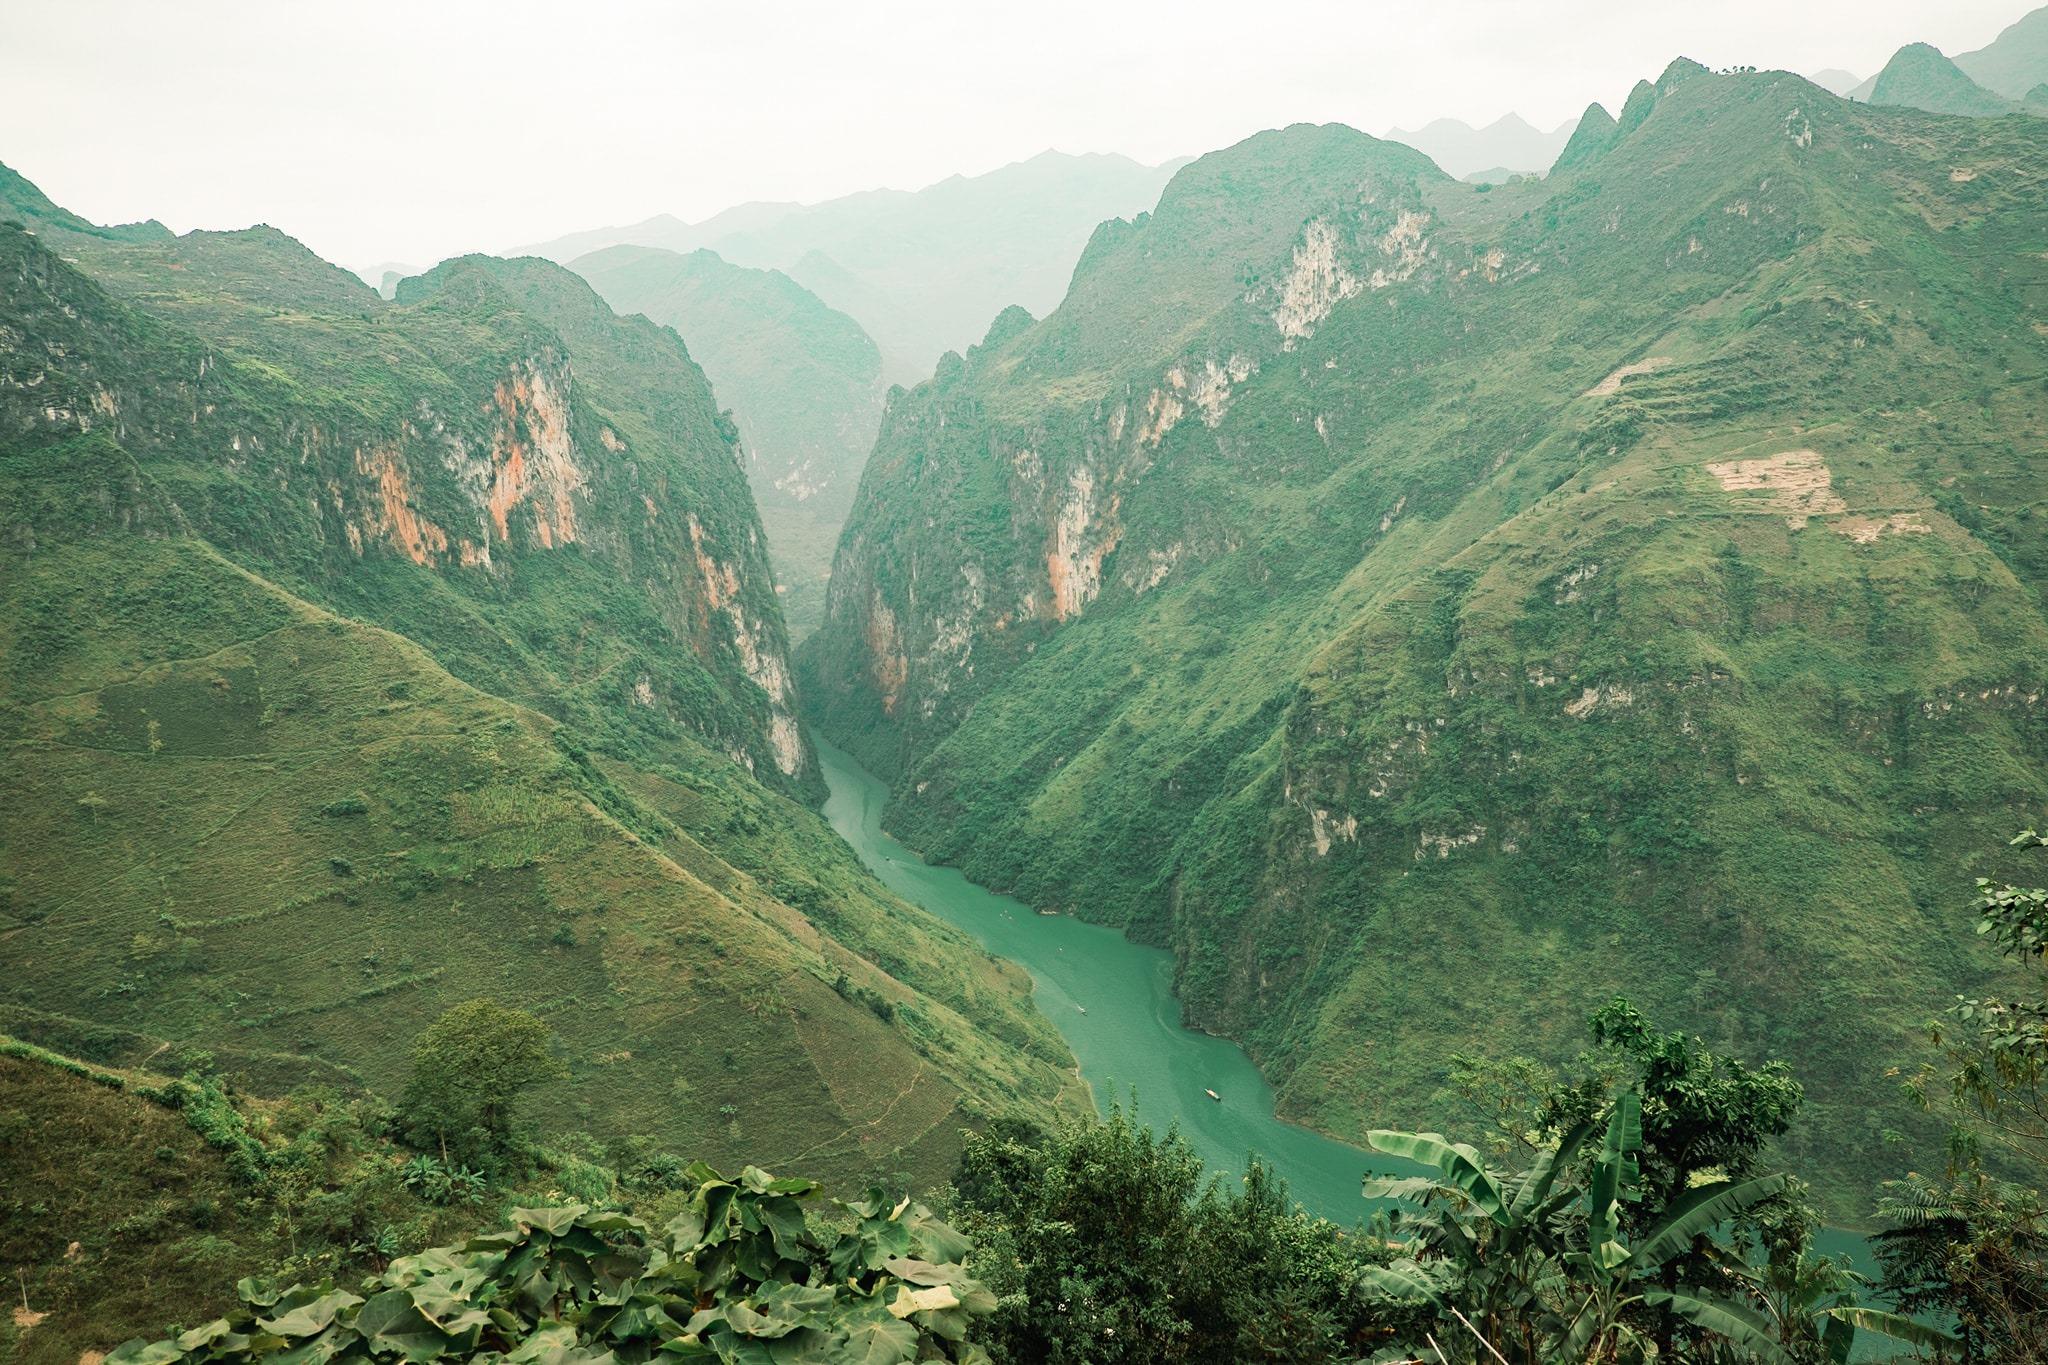 Khám phá Mã Pí Lèng, một trong 'tứ đại đỉnh đèo' của Việt Nam  - Ảnh 8.